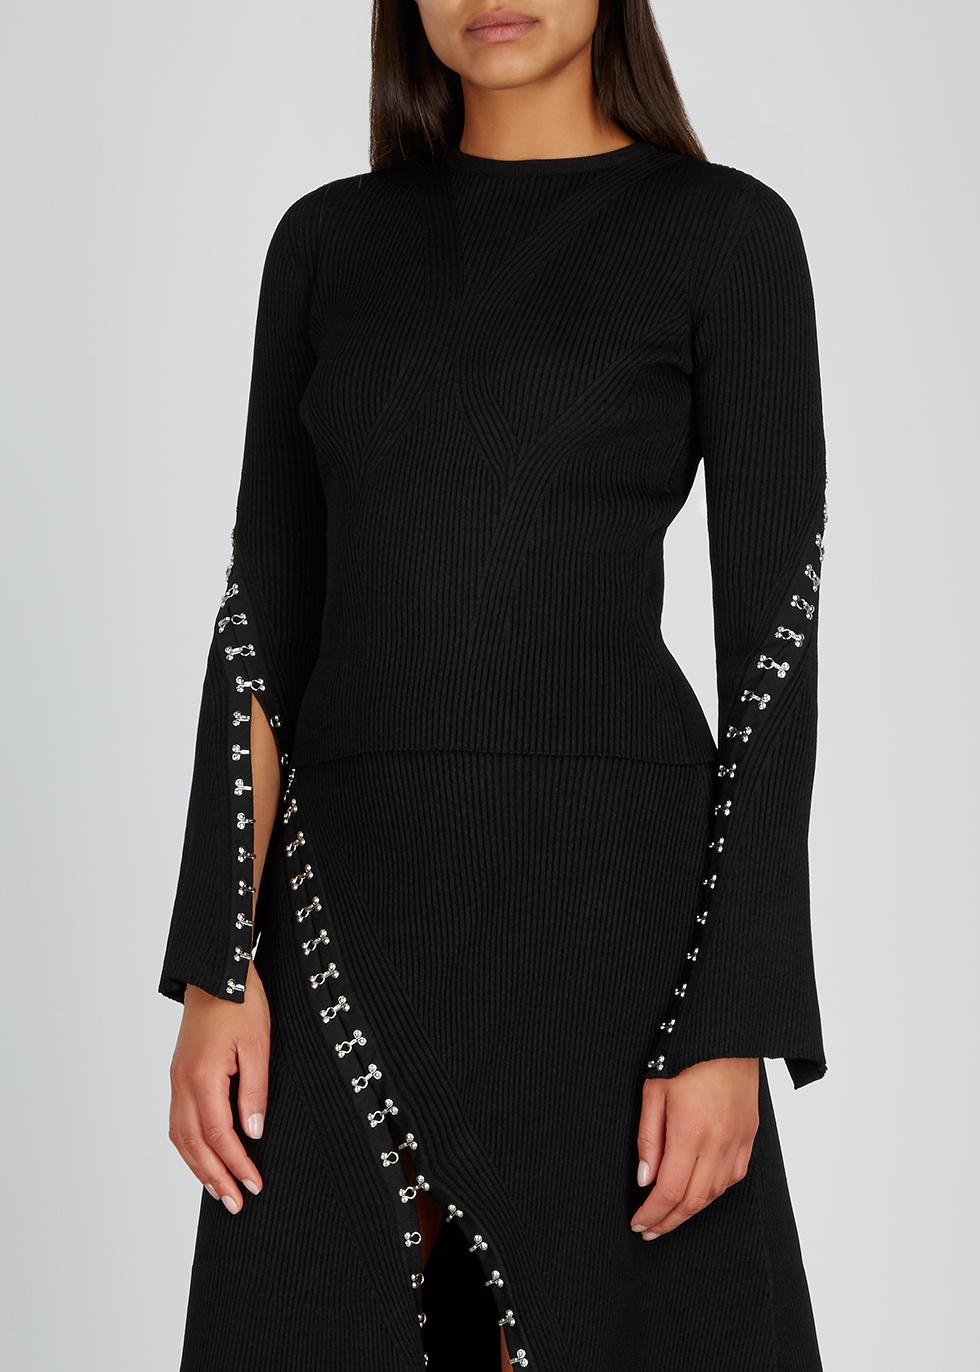 Black hook-embellished knitted jumper - Alexander McQueen